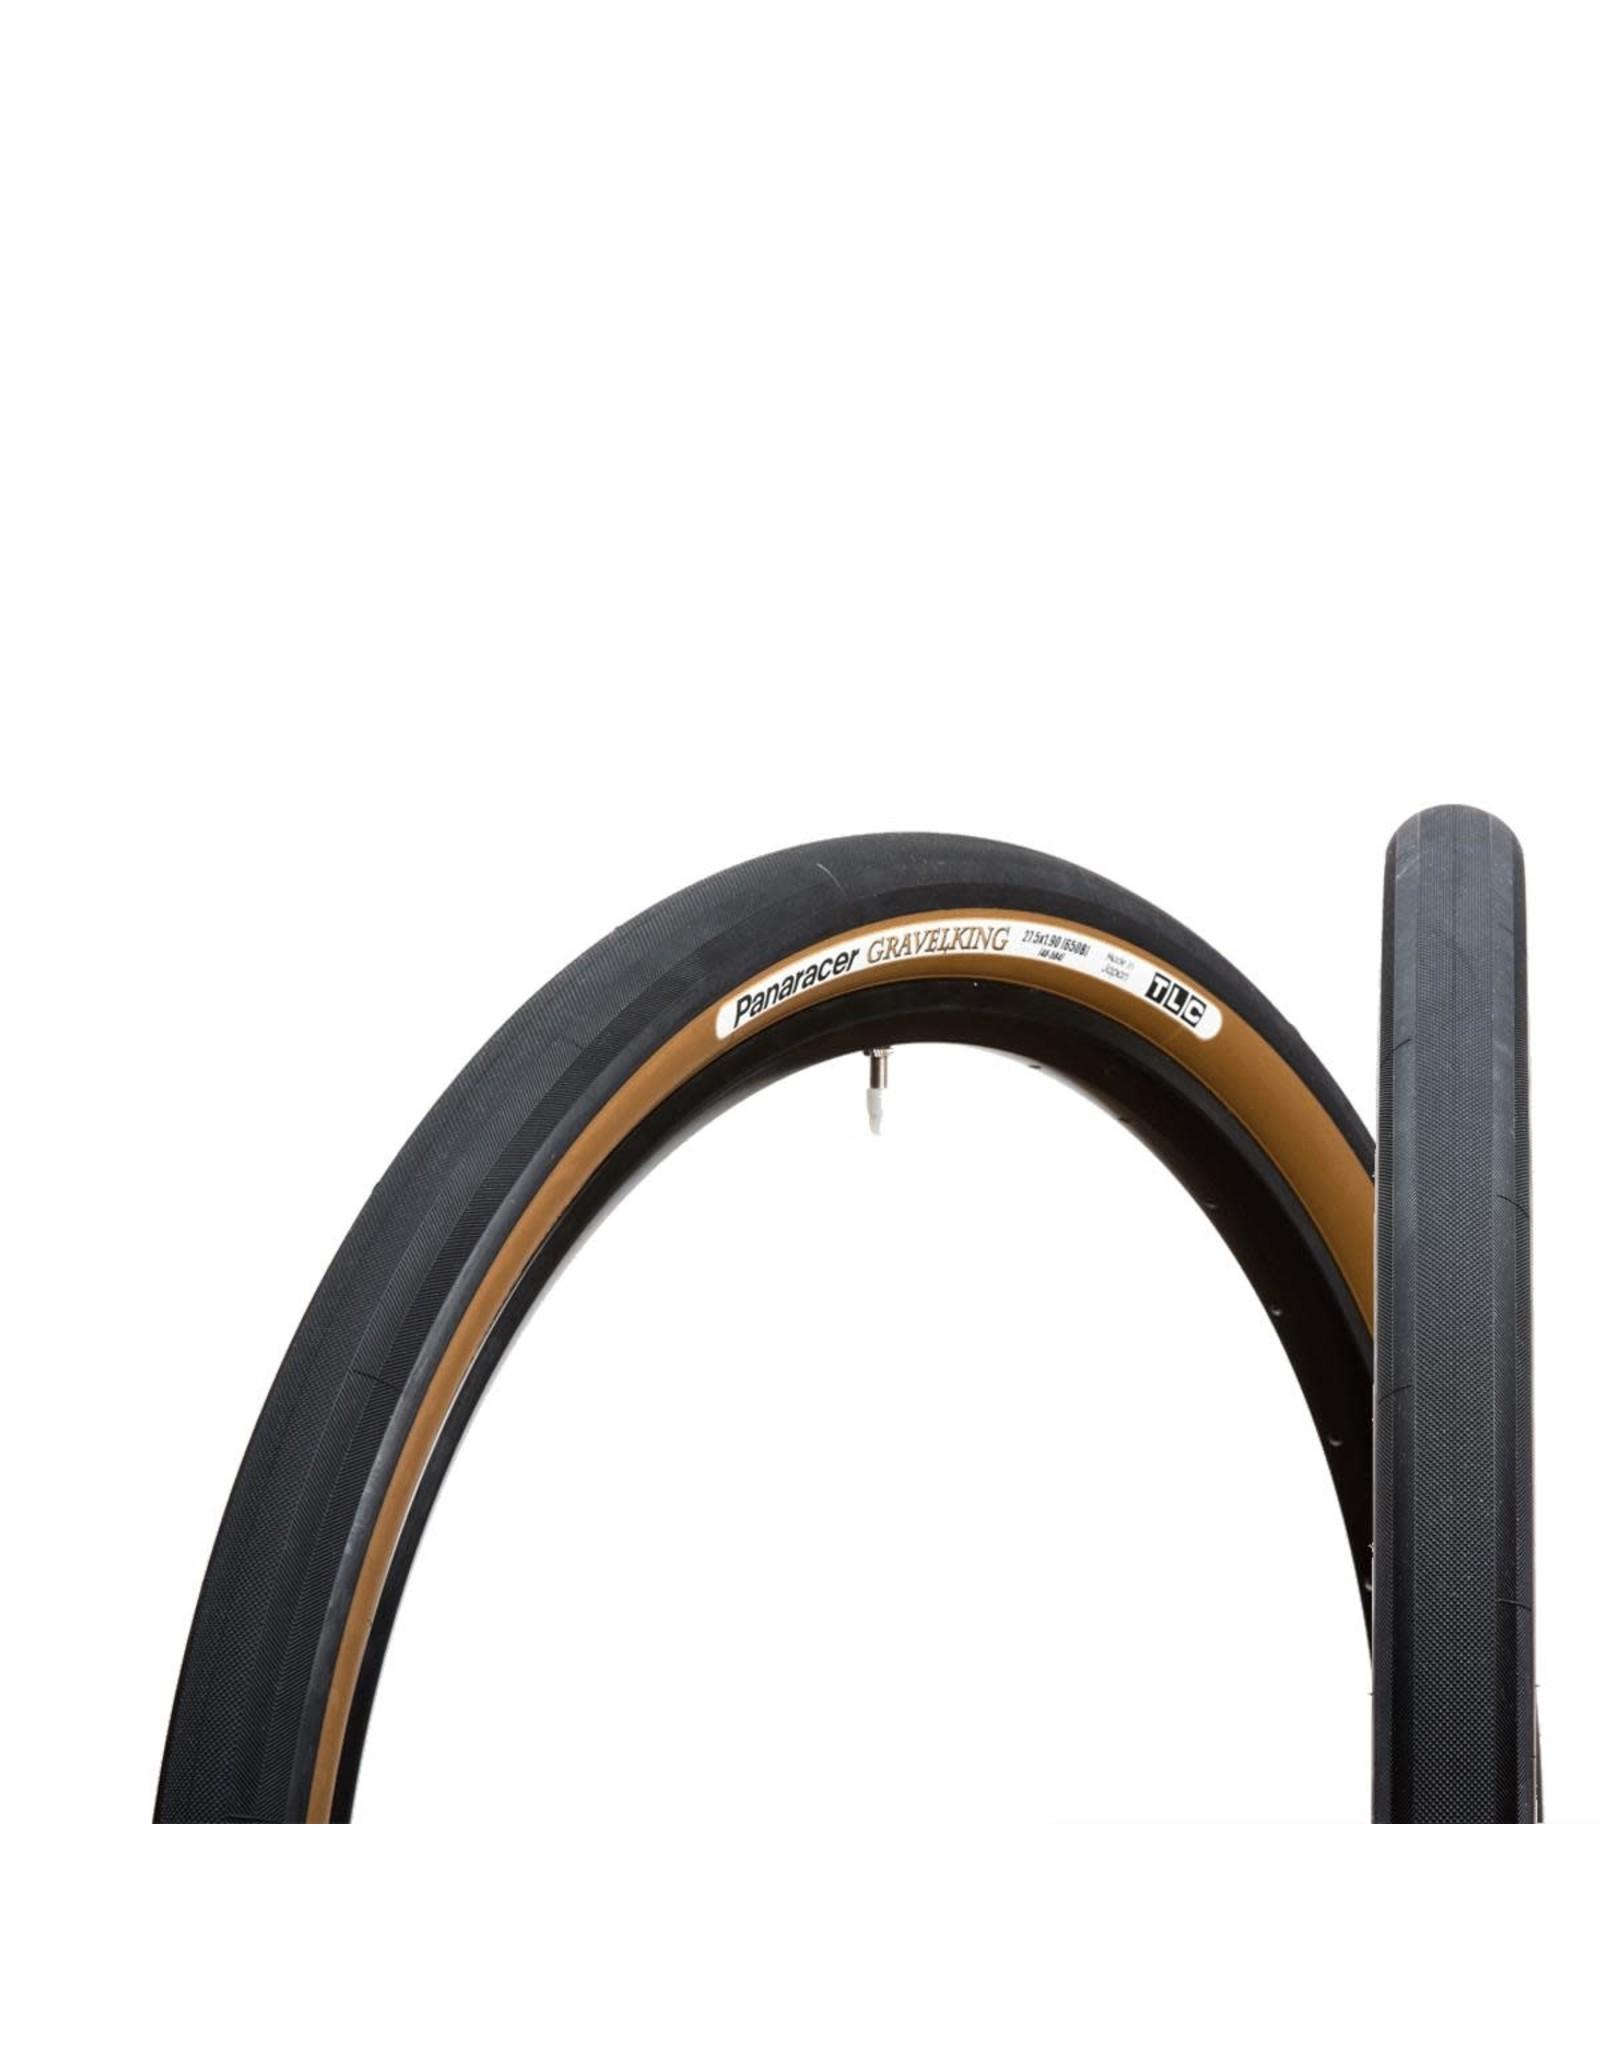 Panaracer Tyre Gravelking Fld Brn 700 x 38